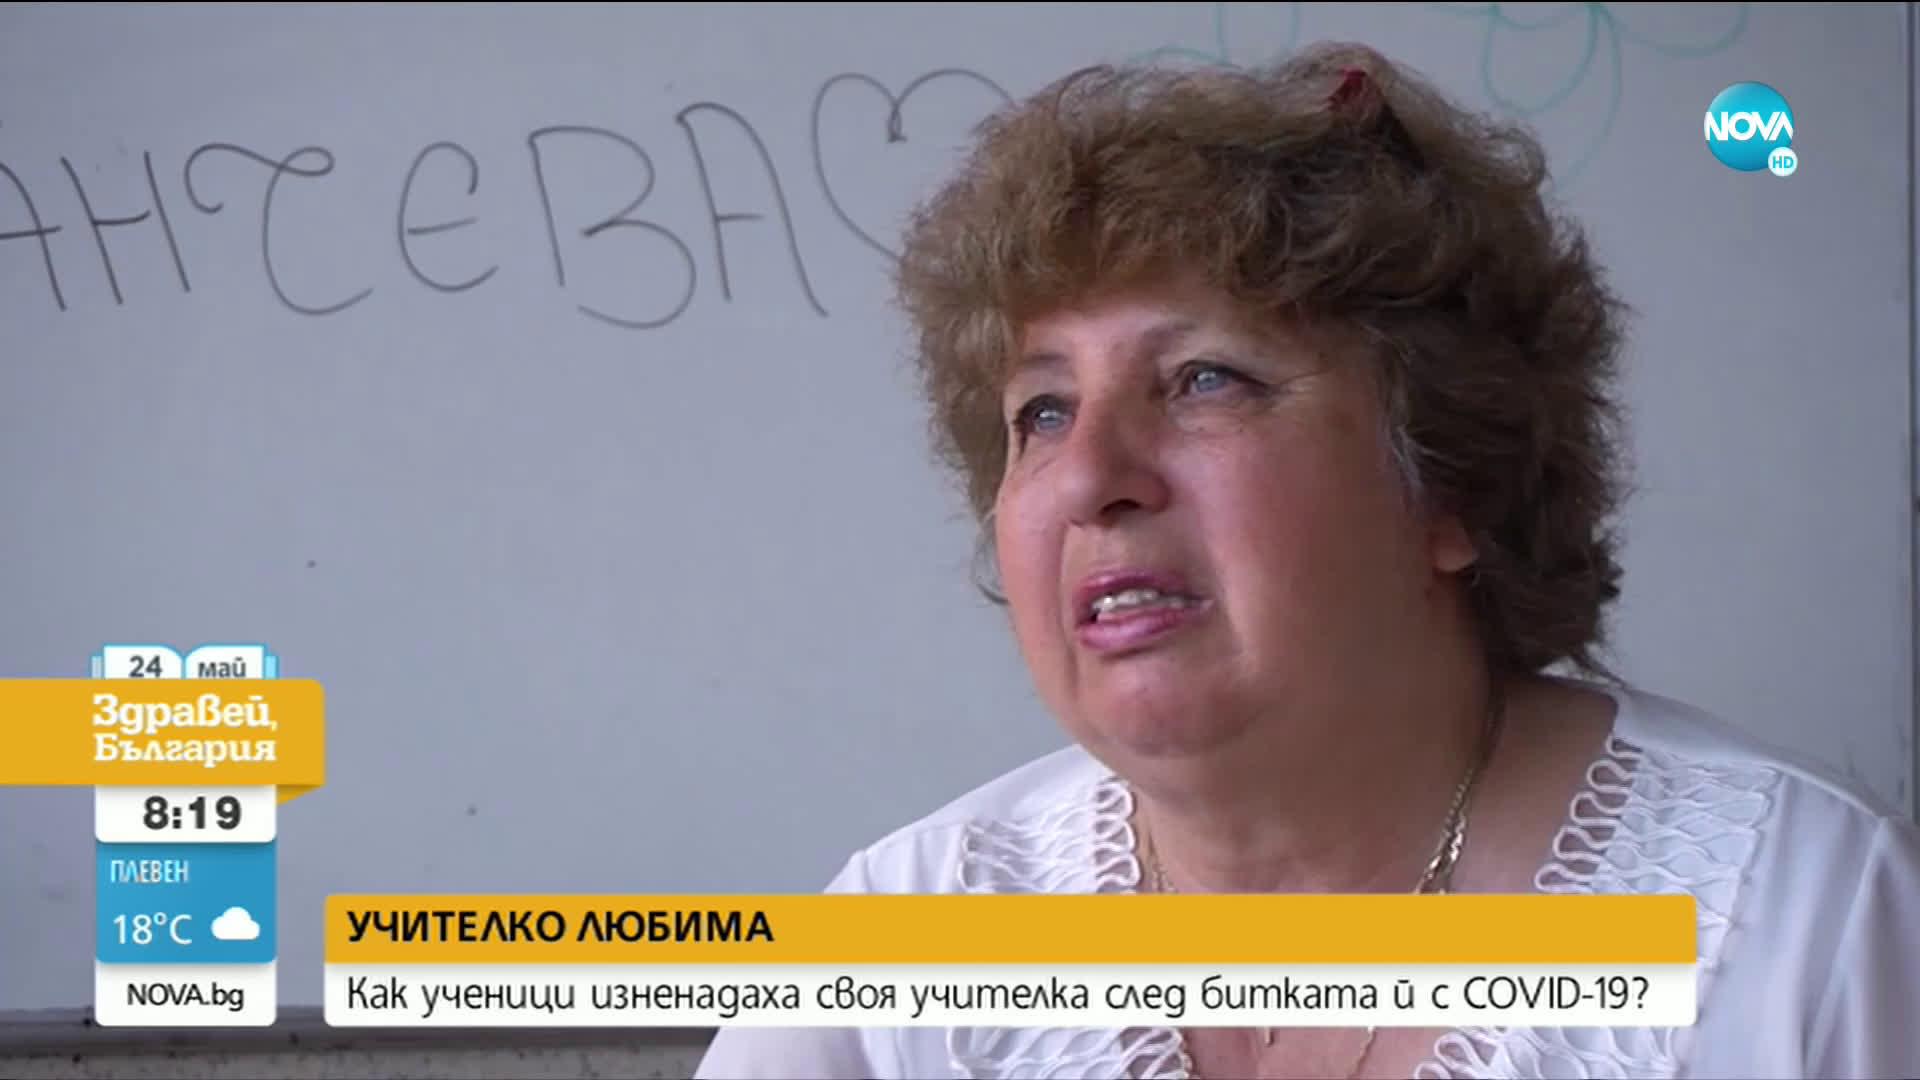 Ученици изненадаха своя учителка след битката ѝ с COVID-19